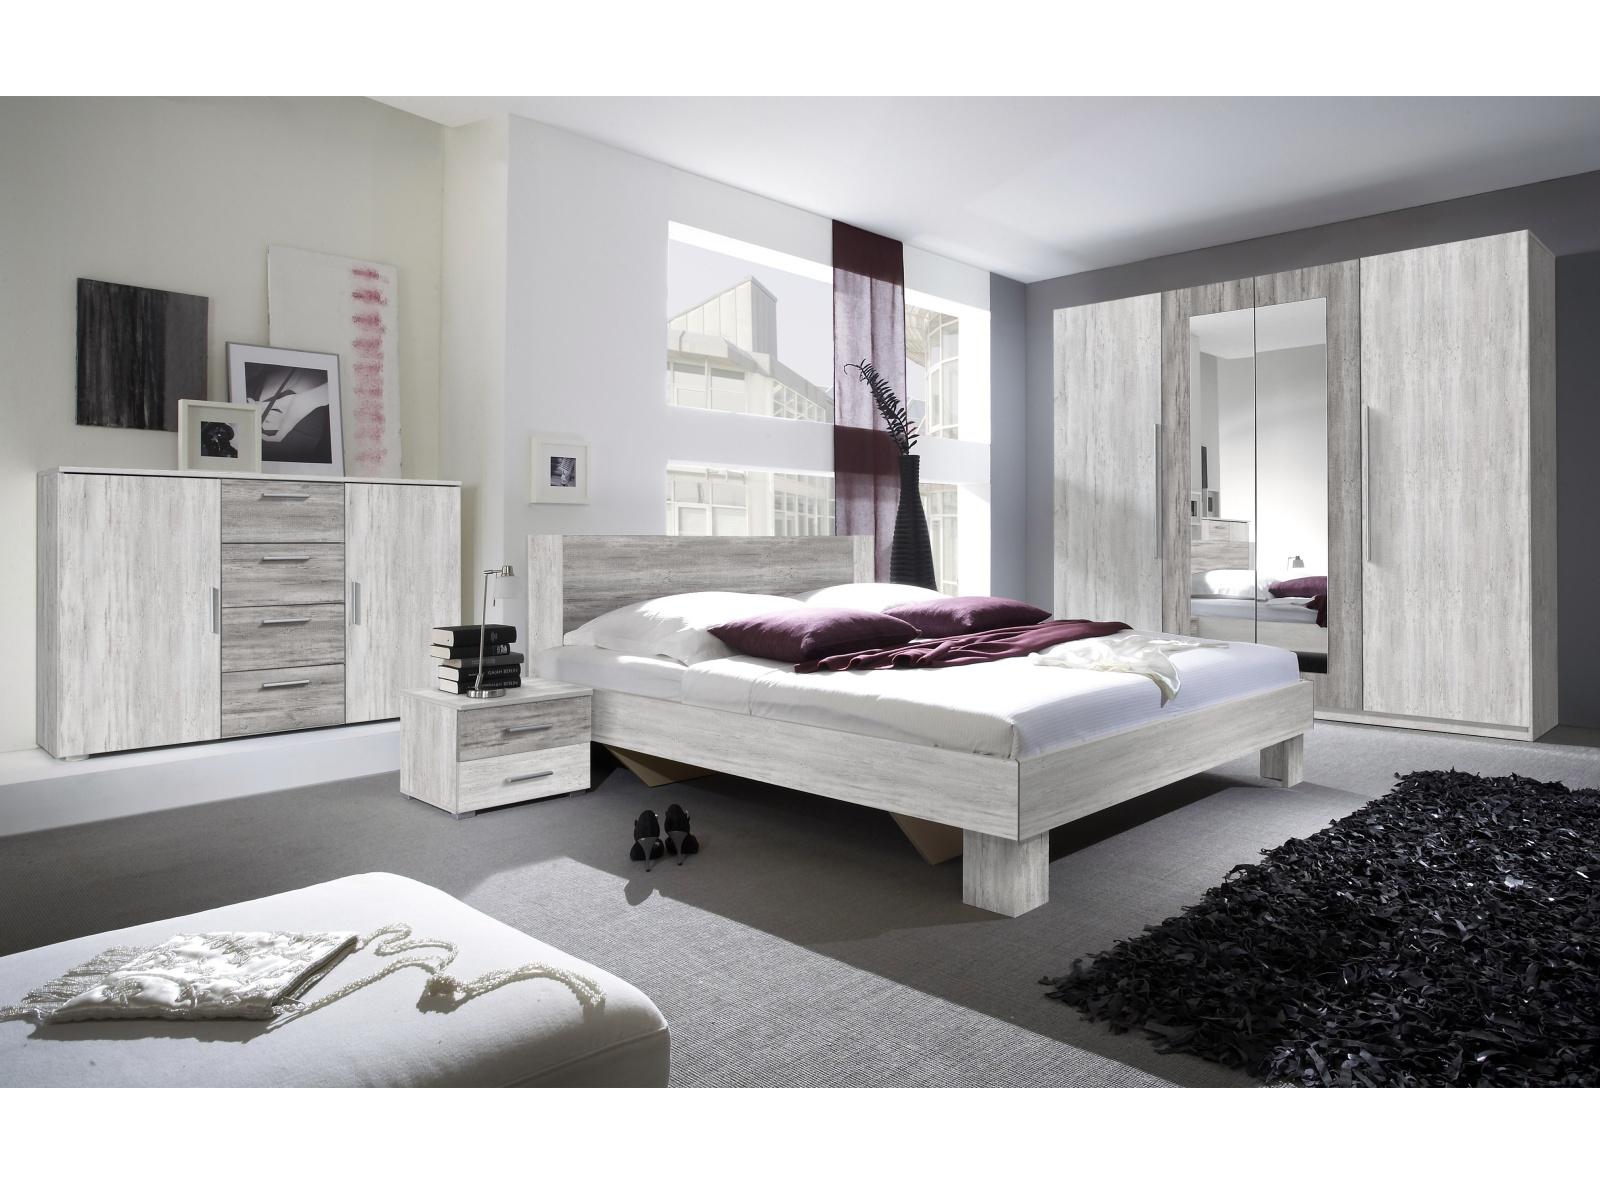 Smartshop VERA ložnice s postelí 160x200, borovice canyon světlá/borovice canyon tmavá